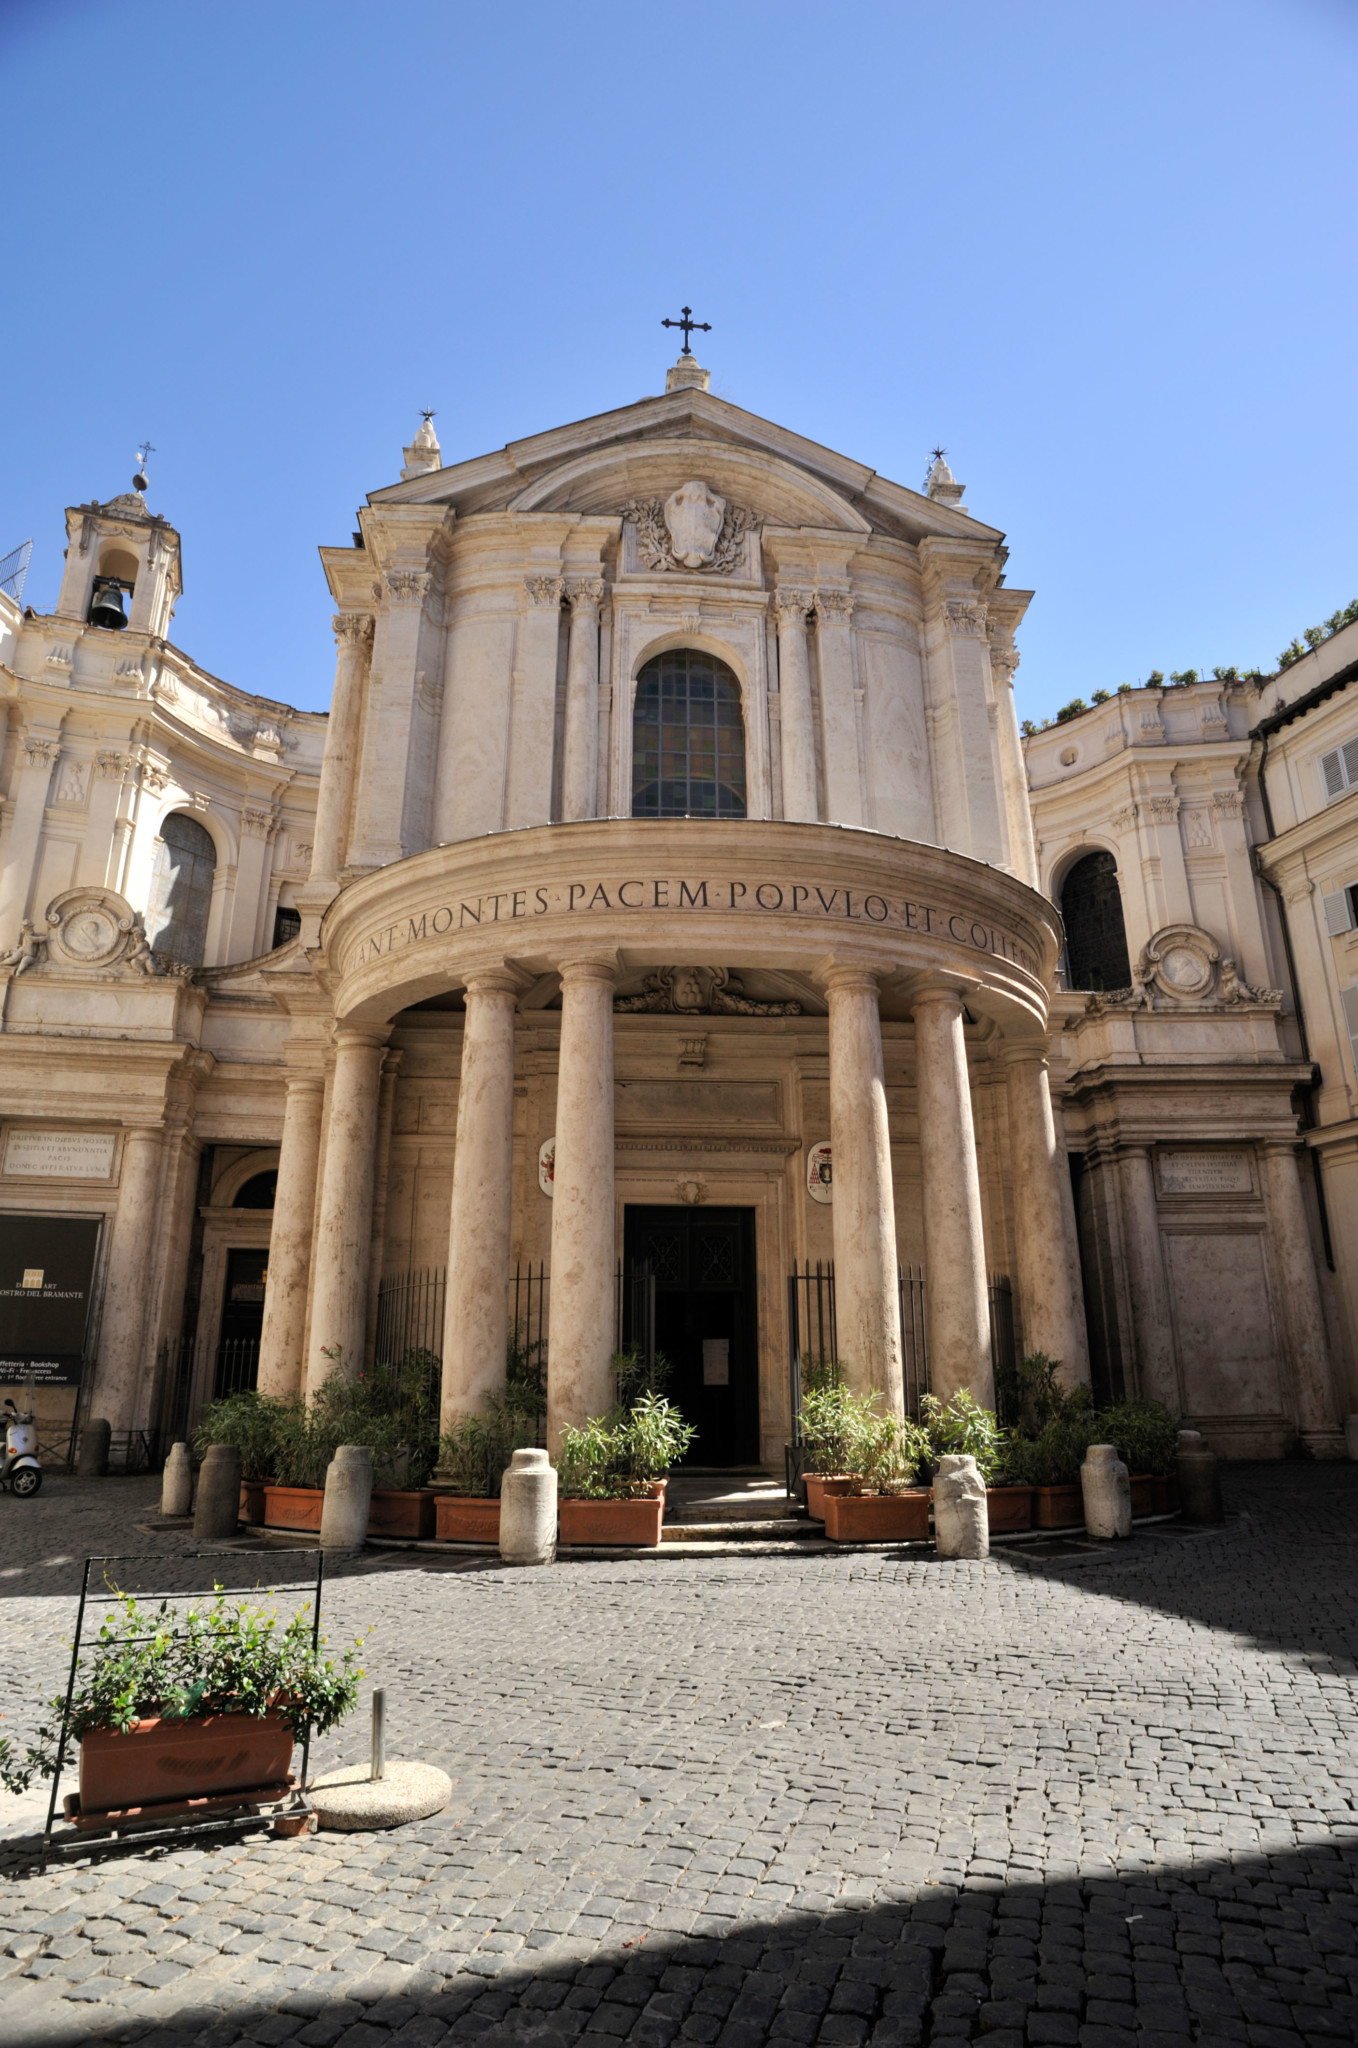 Kościół Matki Bożej Królowej Pokoju w Rzymie